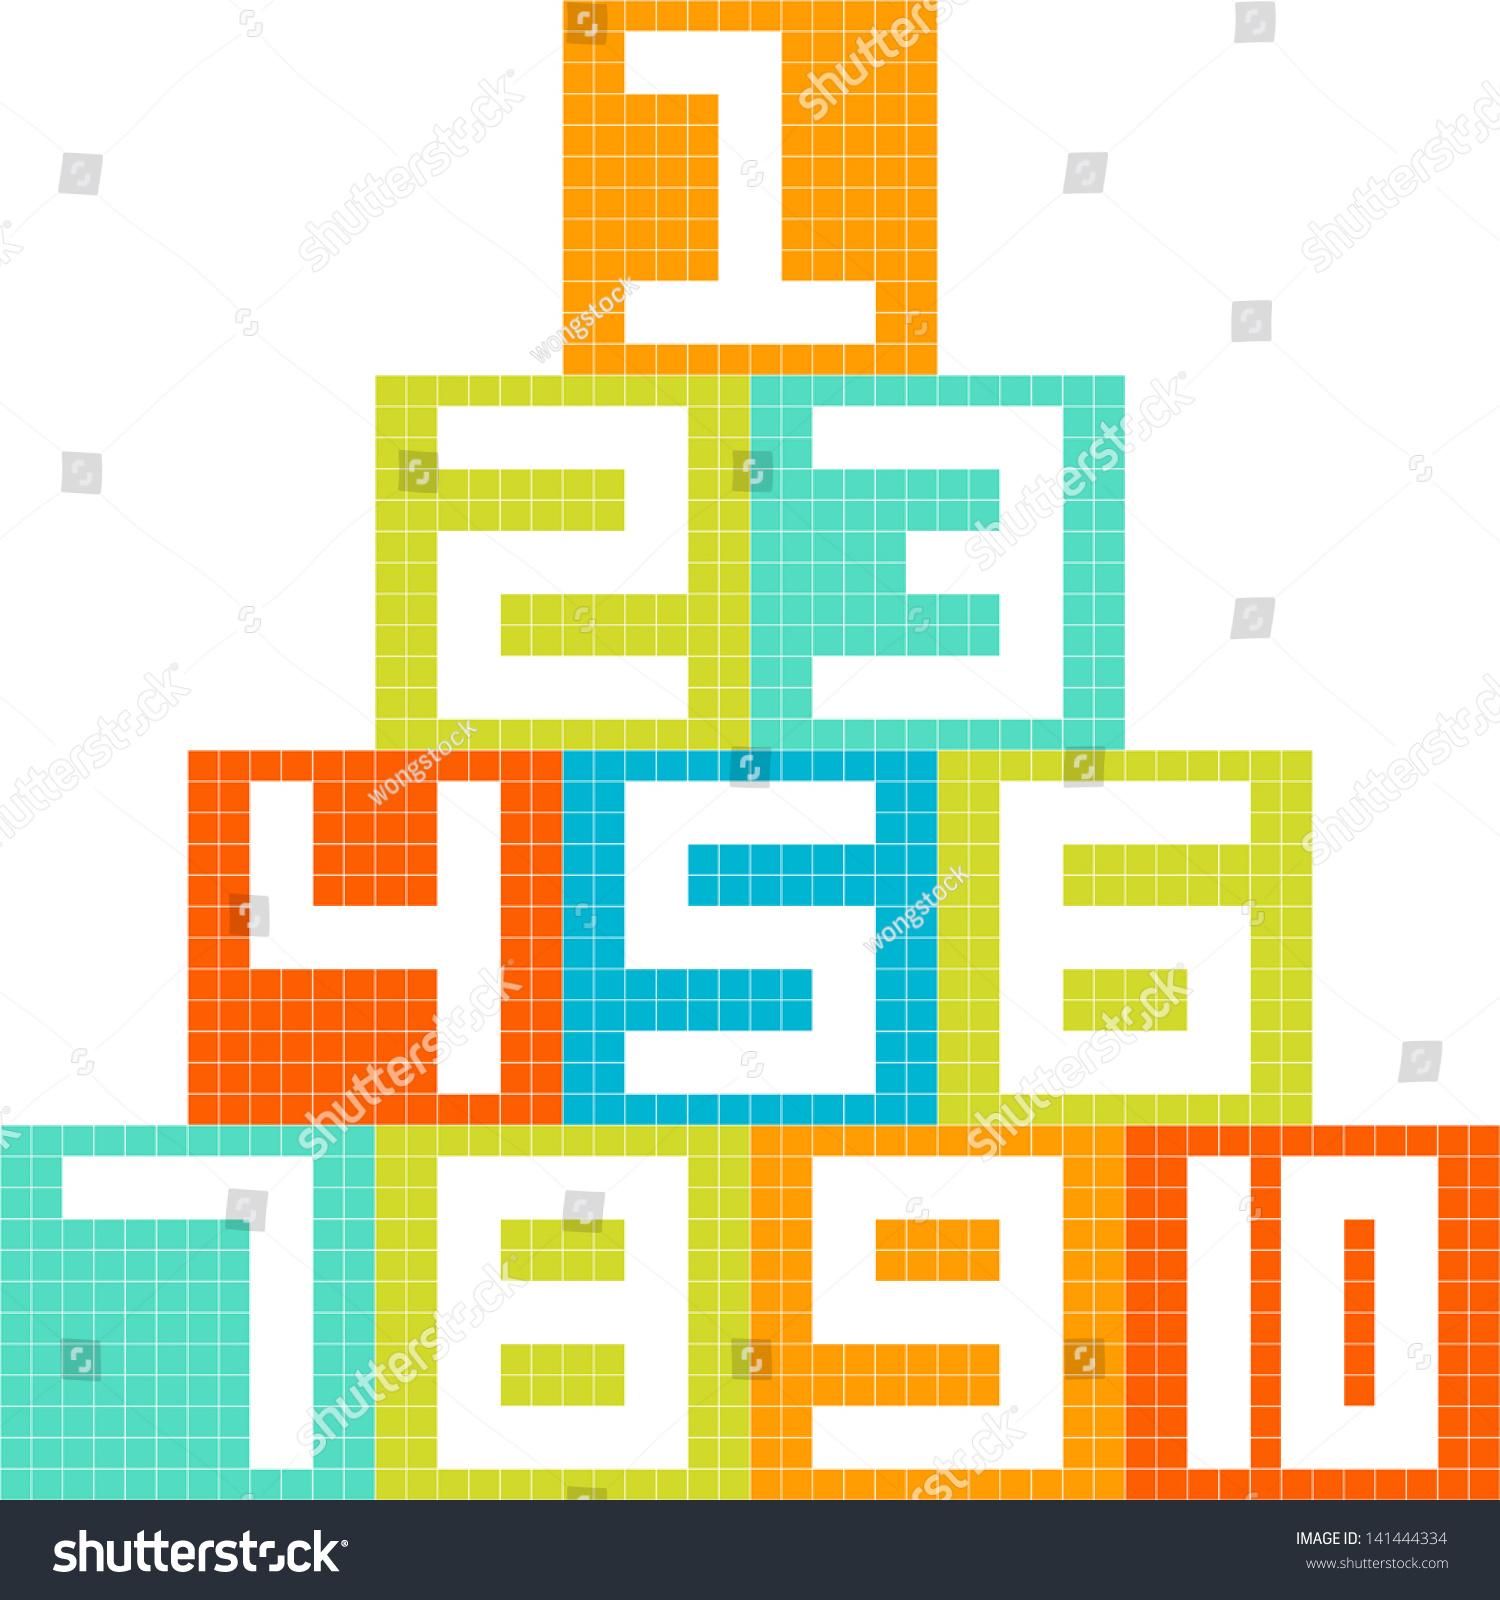 8bit pixelart number 110 blocks arranged stock vector 141444334